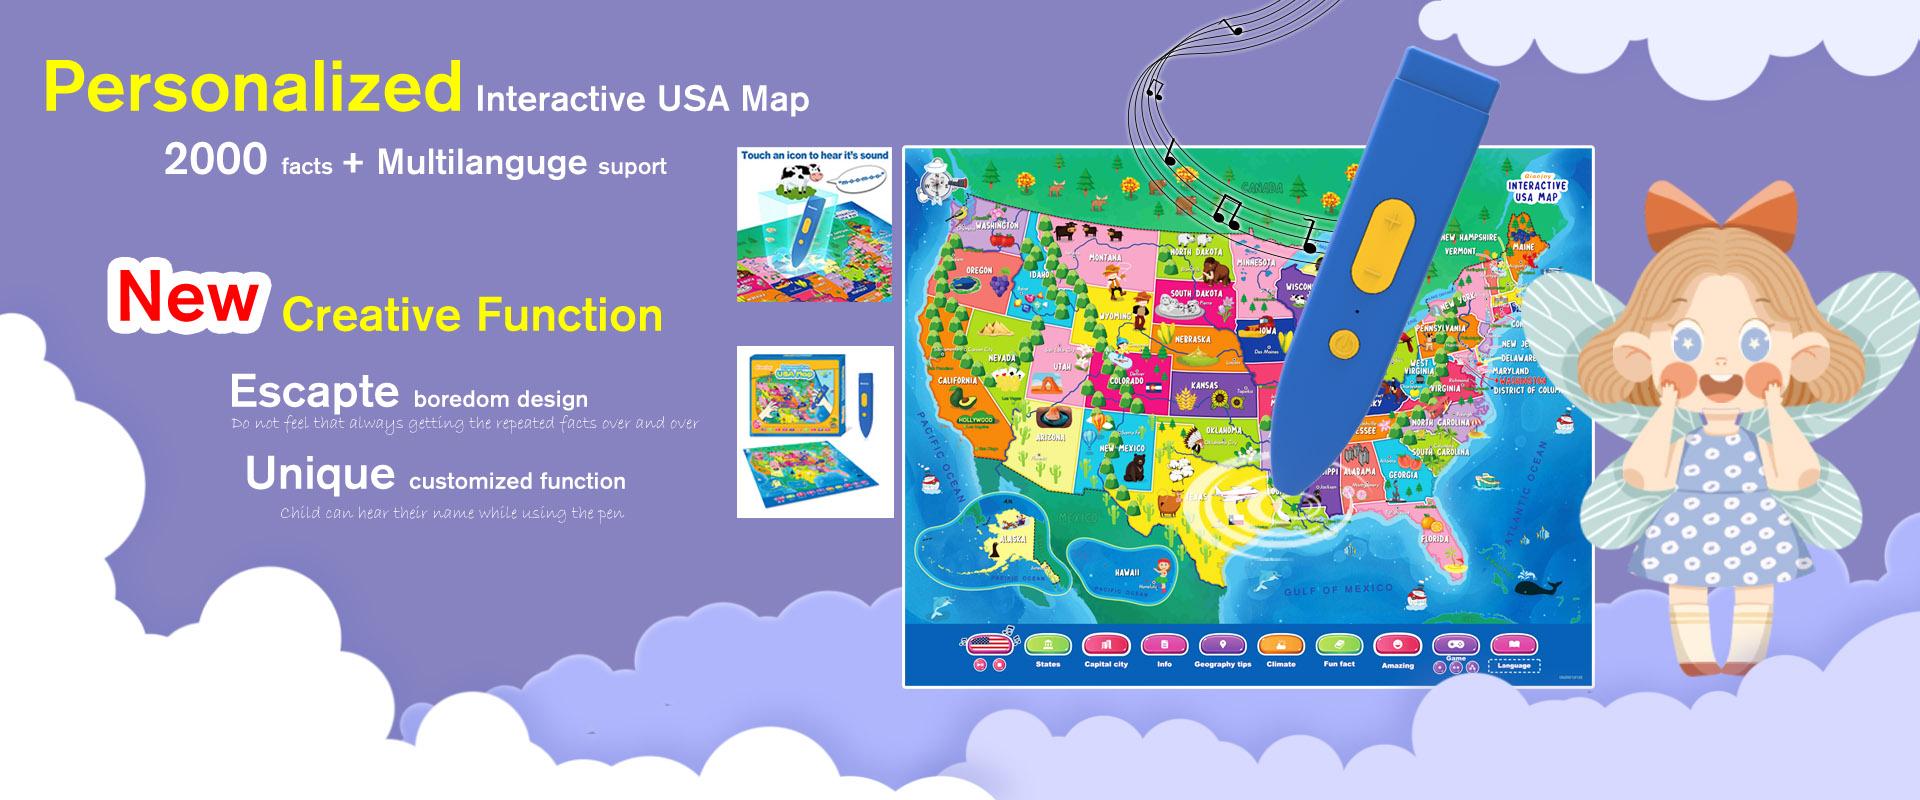 interacive USA map